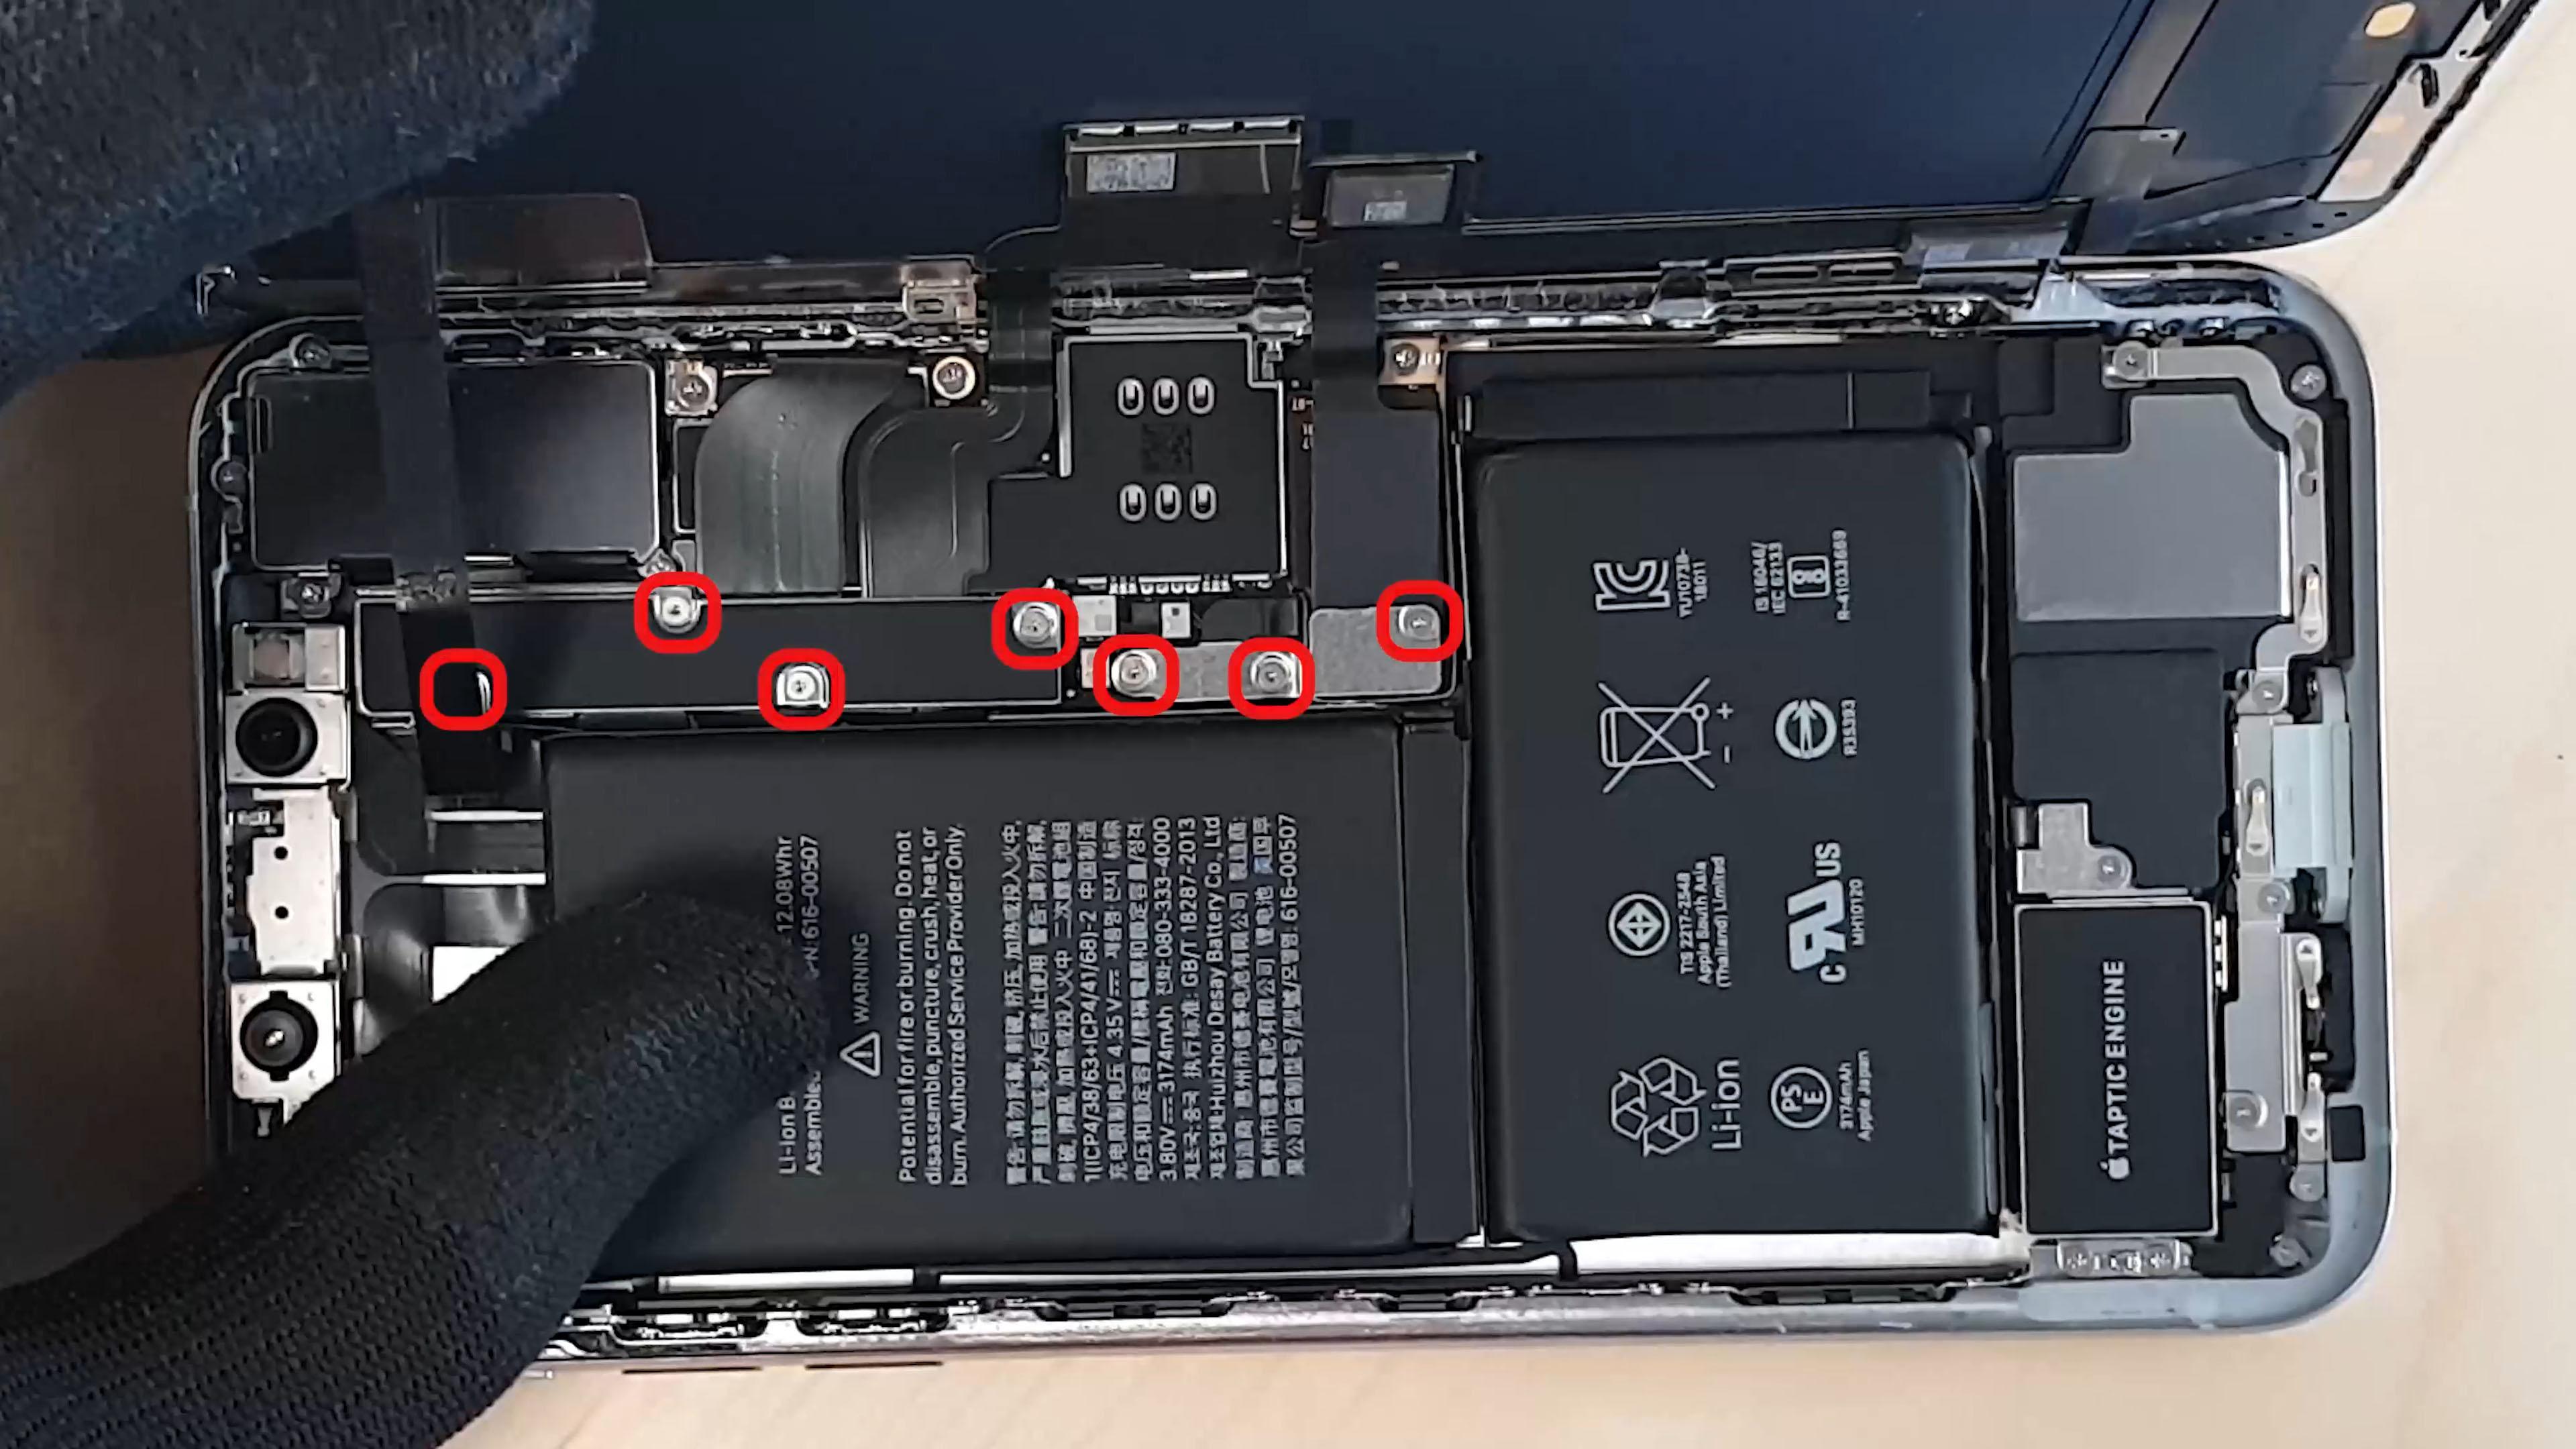 changer l'écran de l'iphone Xs Max en déconnectant les nappes de l'écran